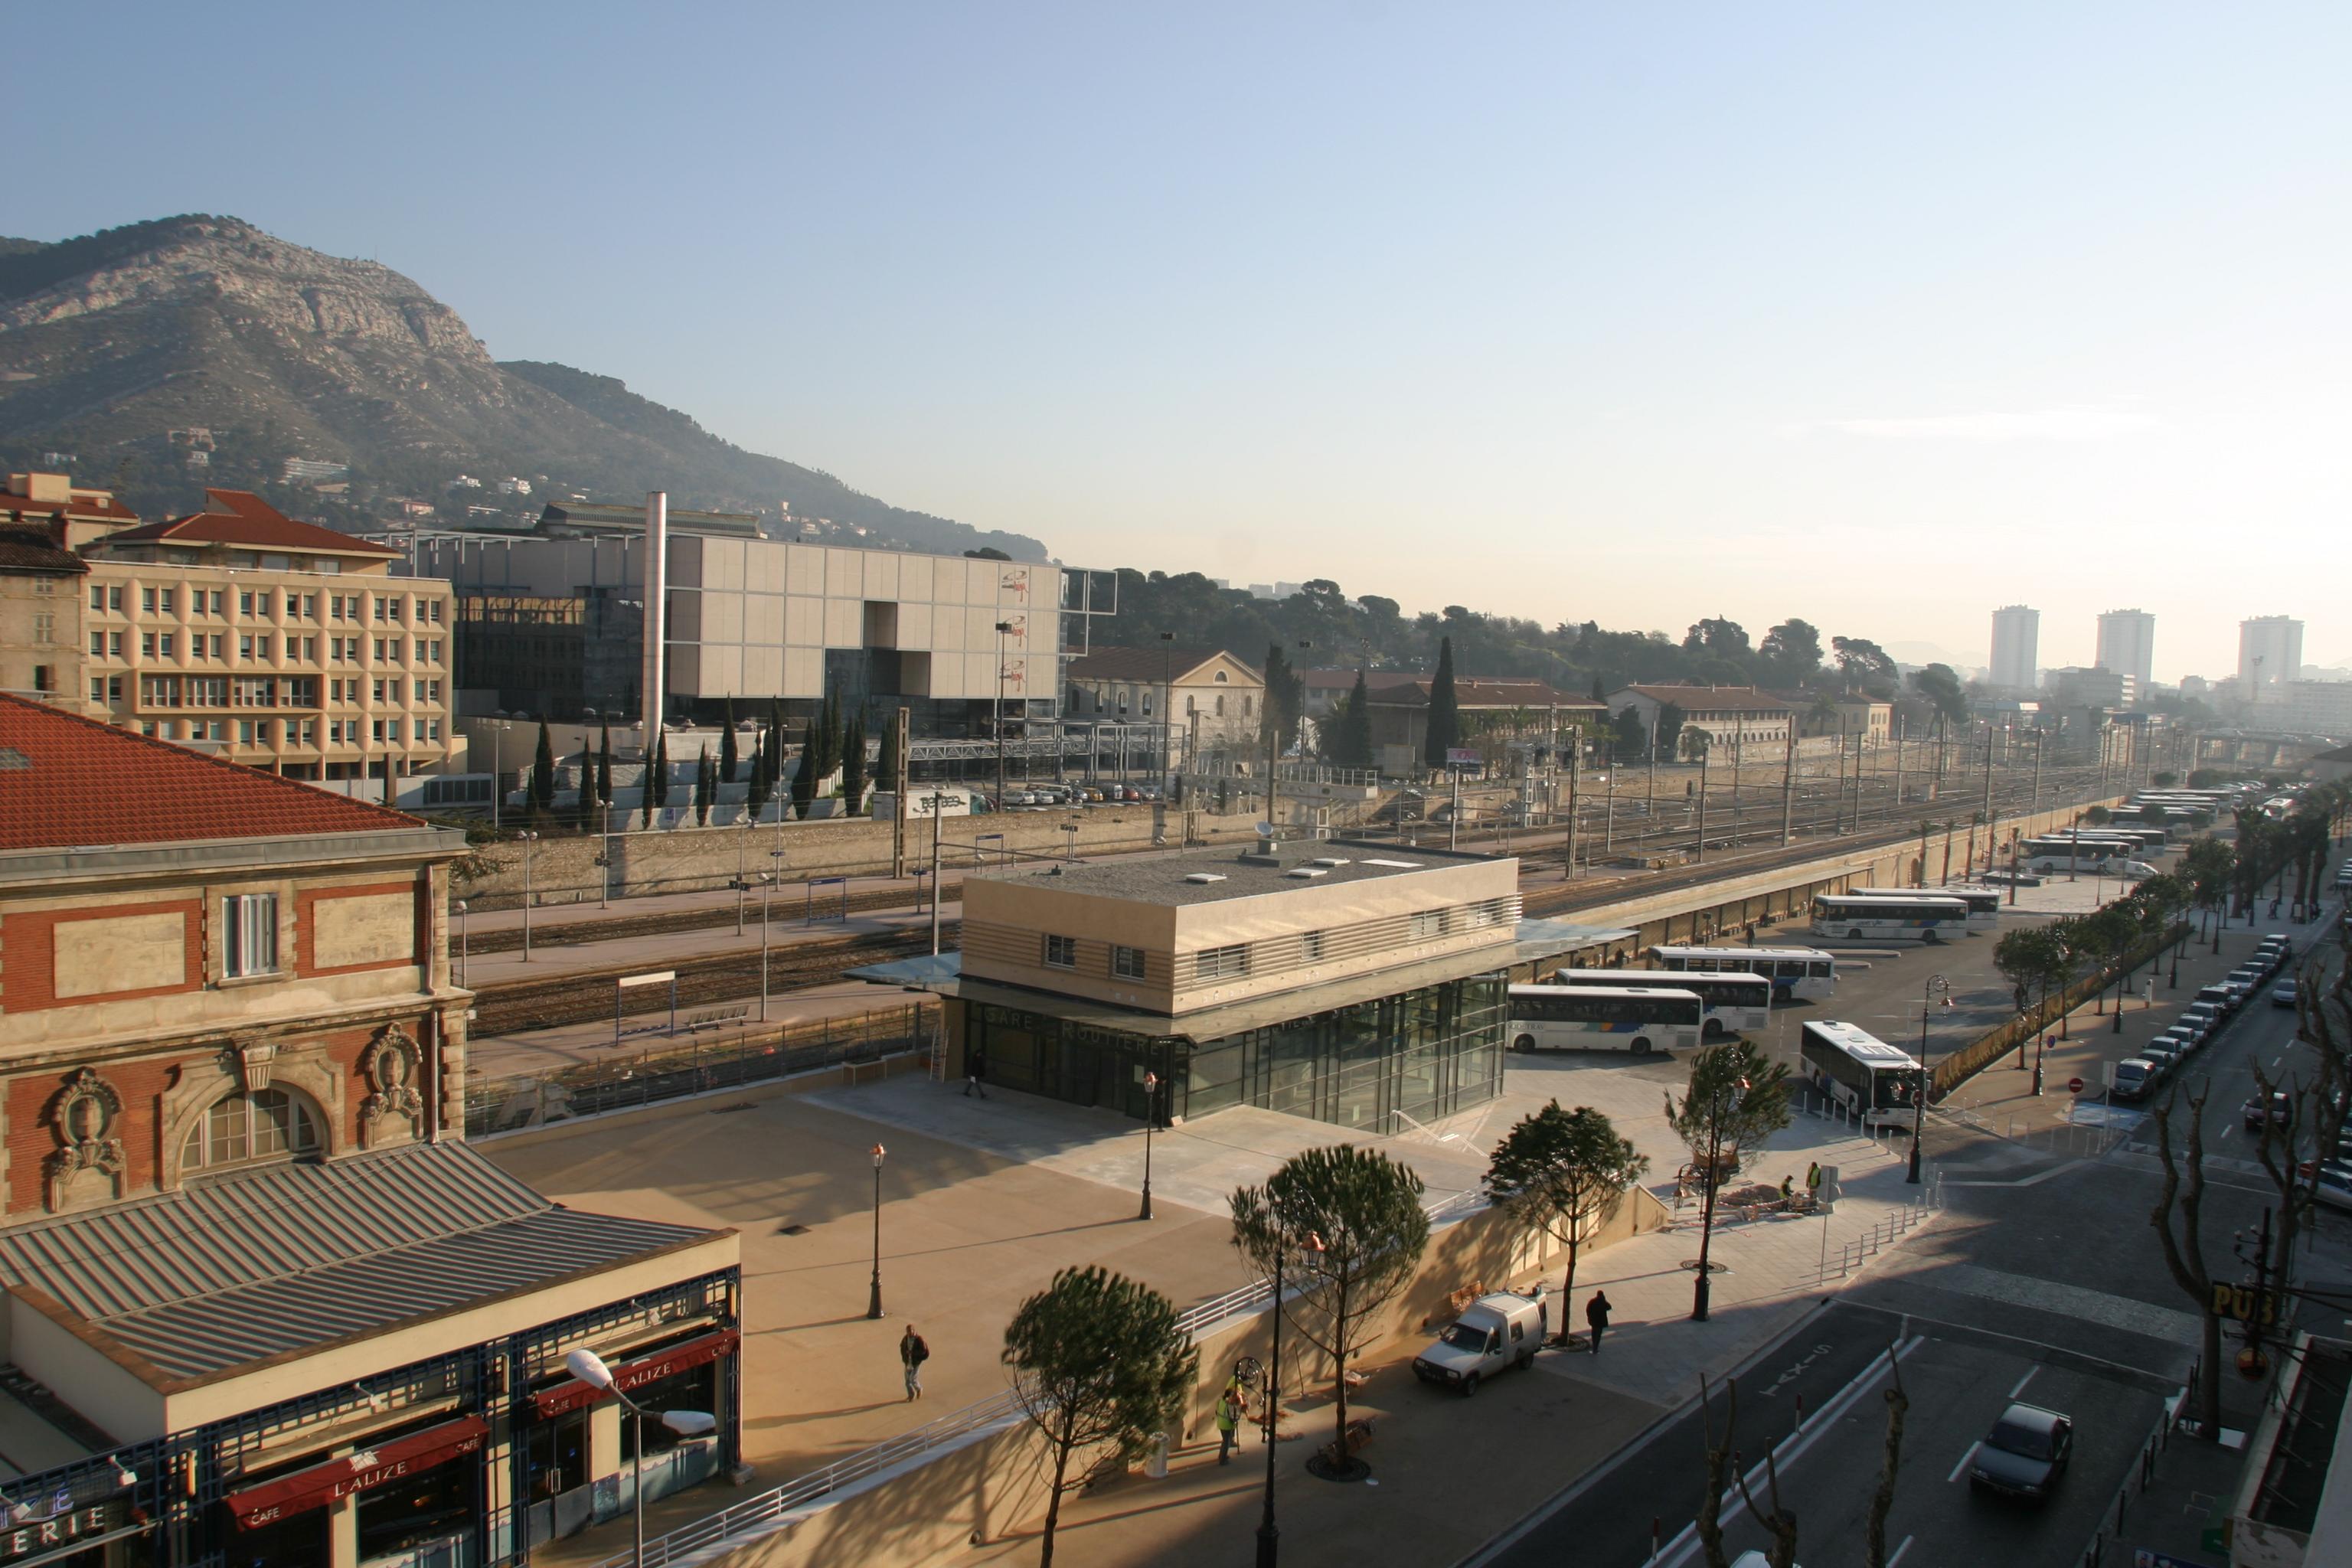 Vue du premier étage - gare routière de Toulon